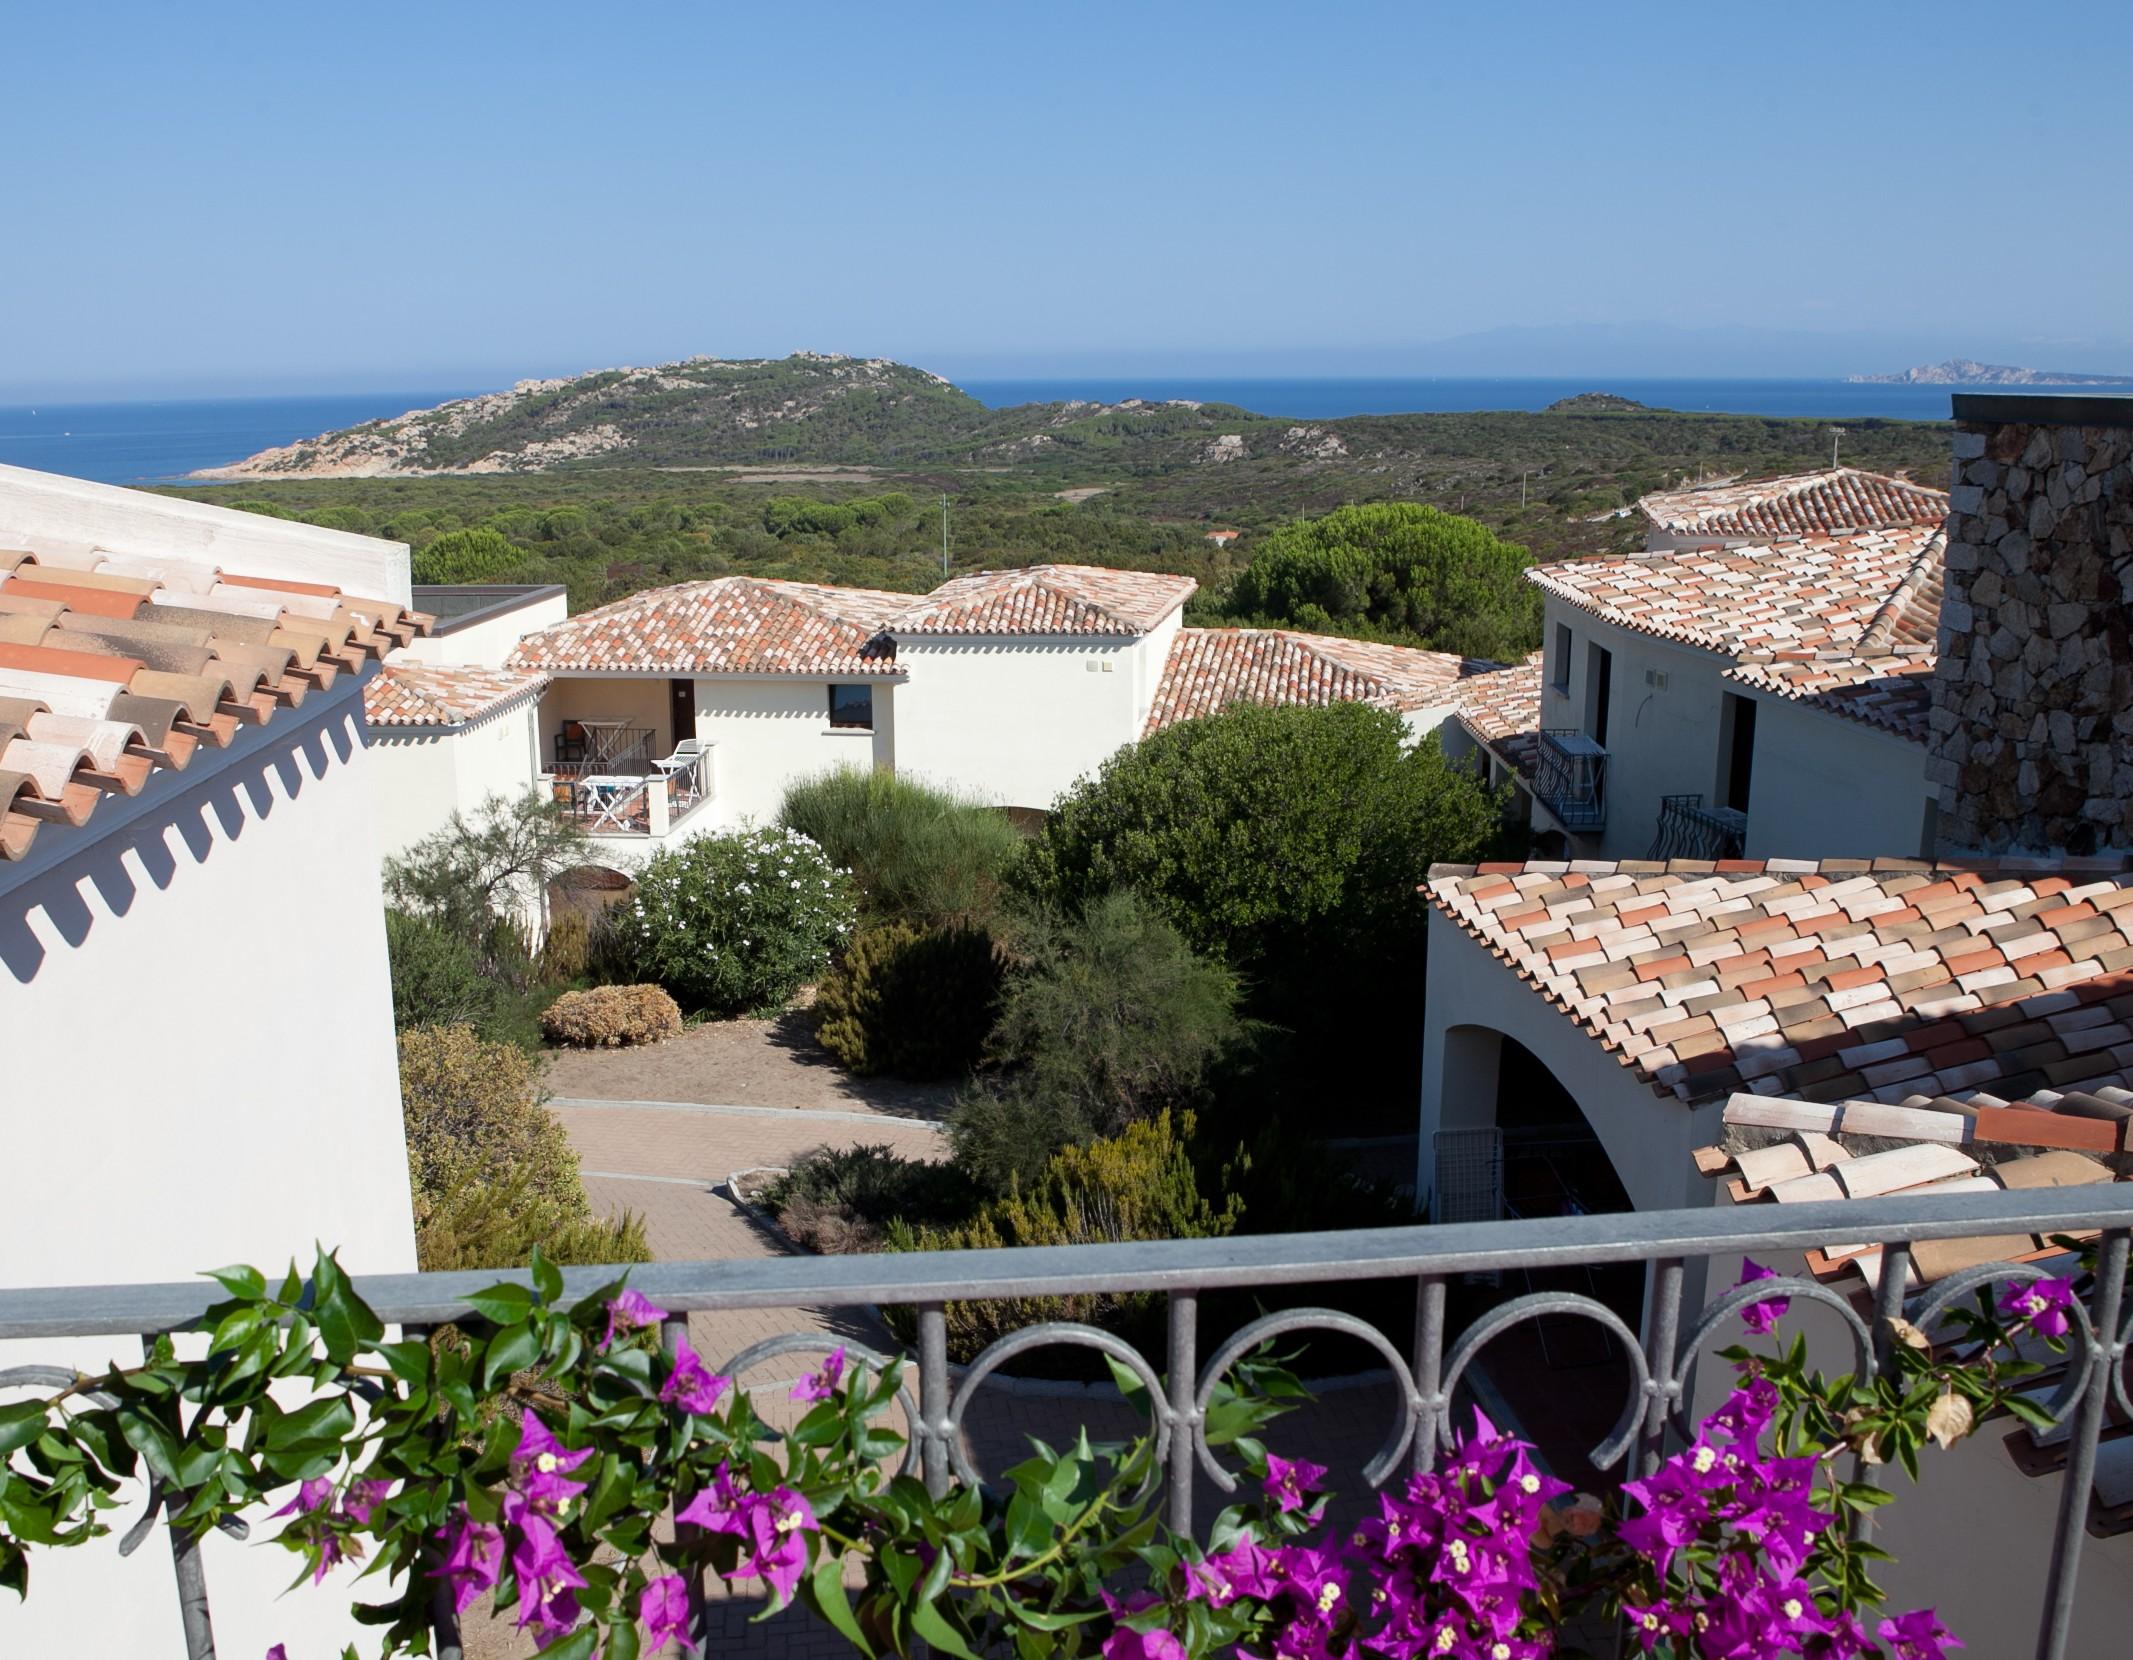 Club Esse, Gallura - Sardegna